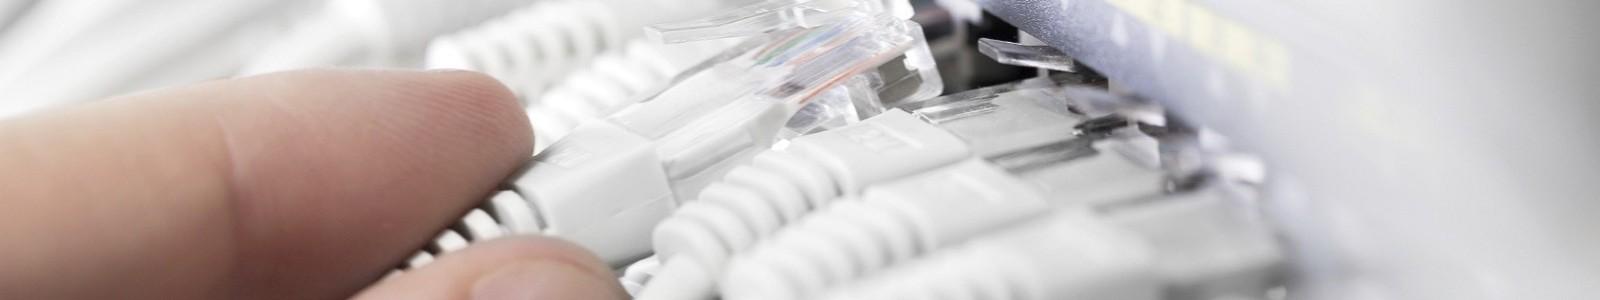 Netzwerk Installation